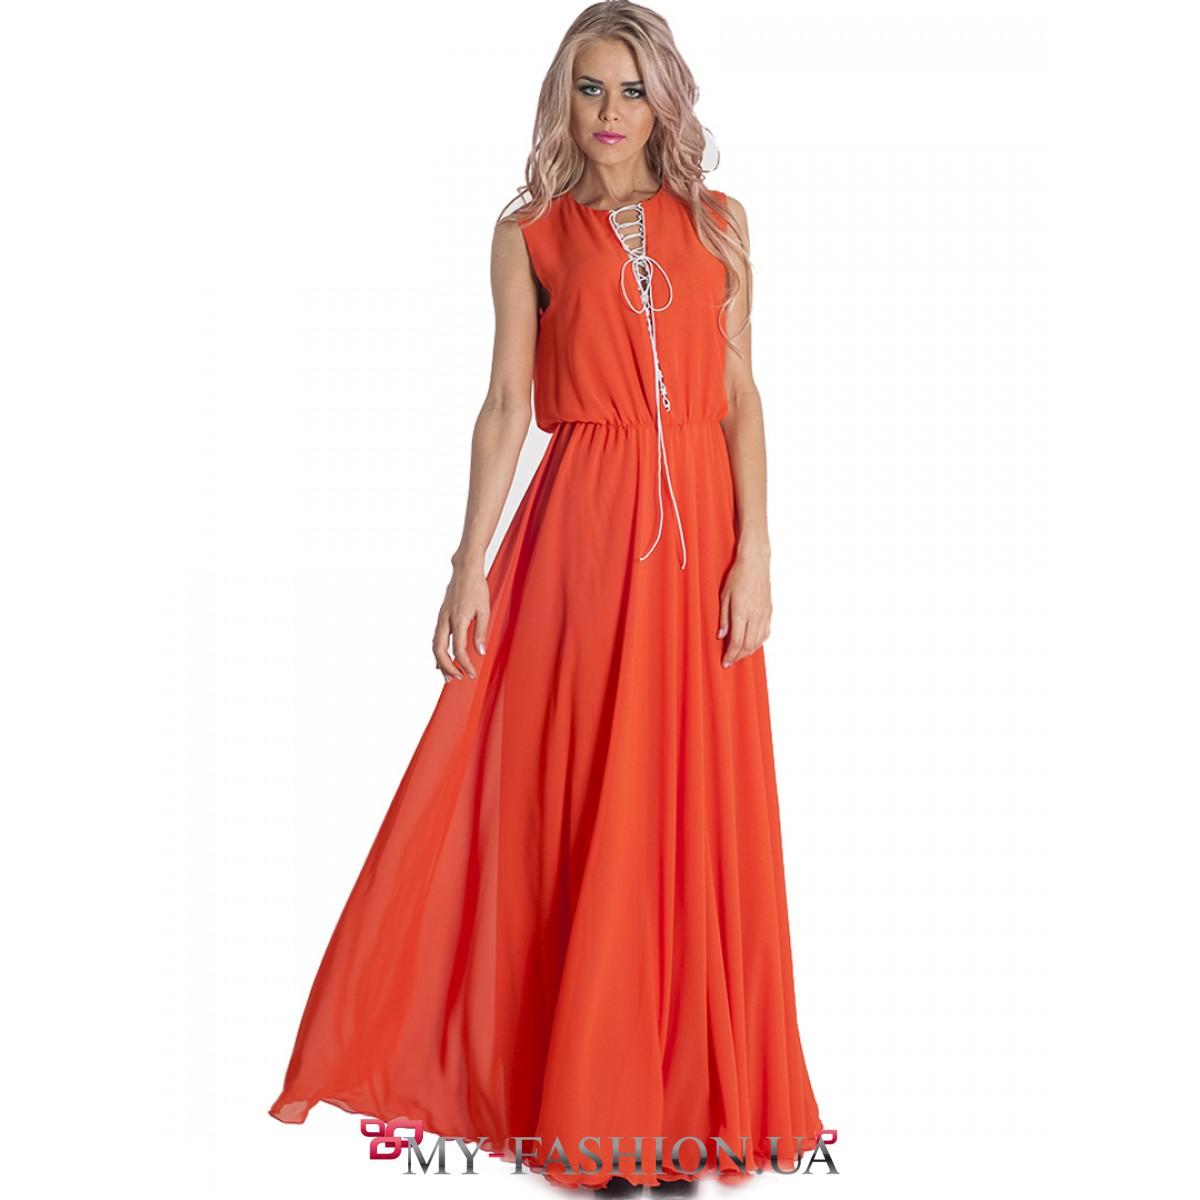 Блузки fashion с доставкой